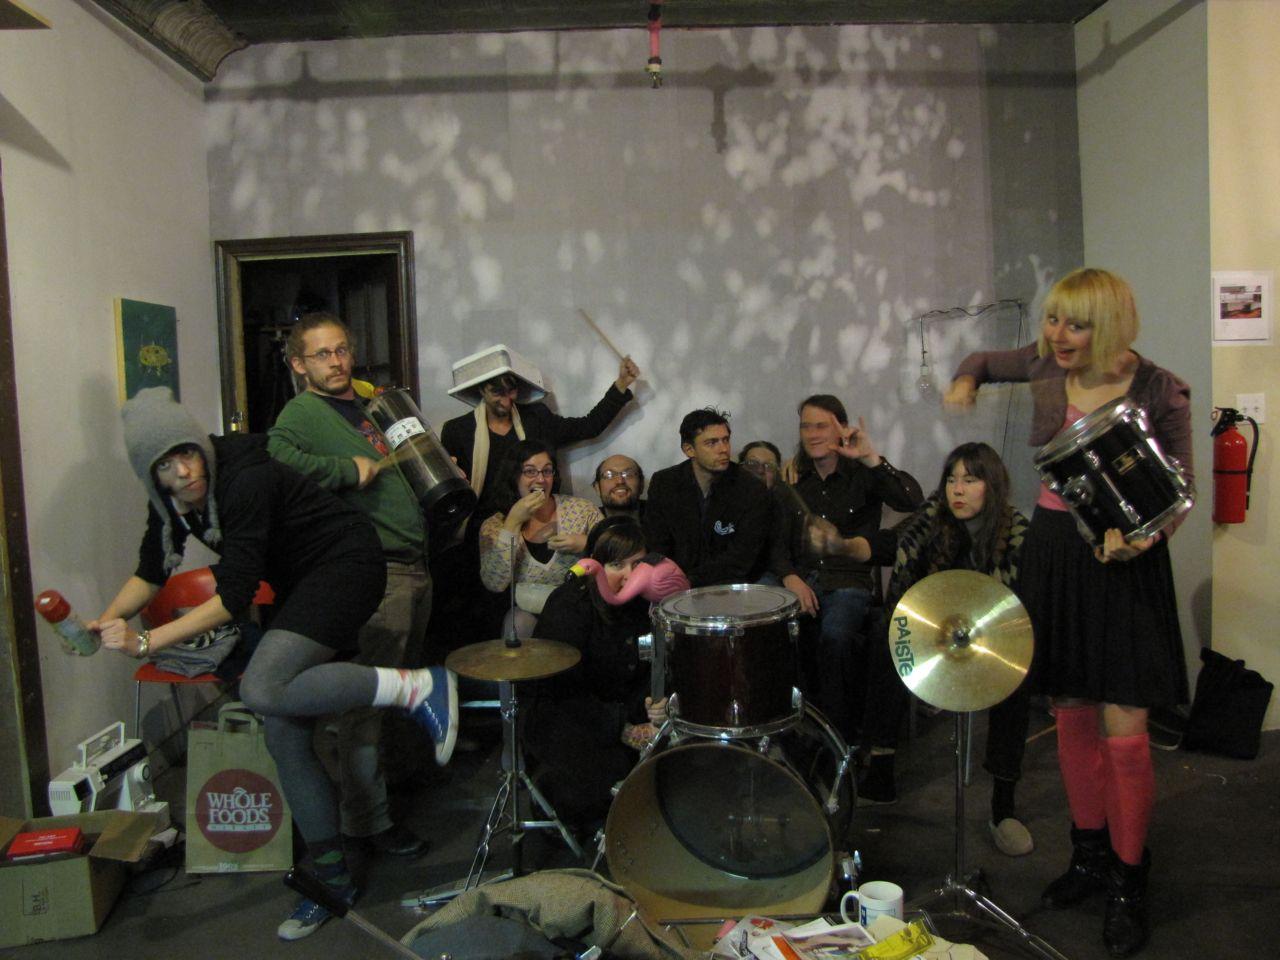 Flux Factory. 11.15.10